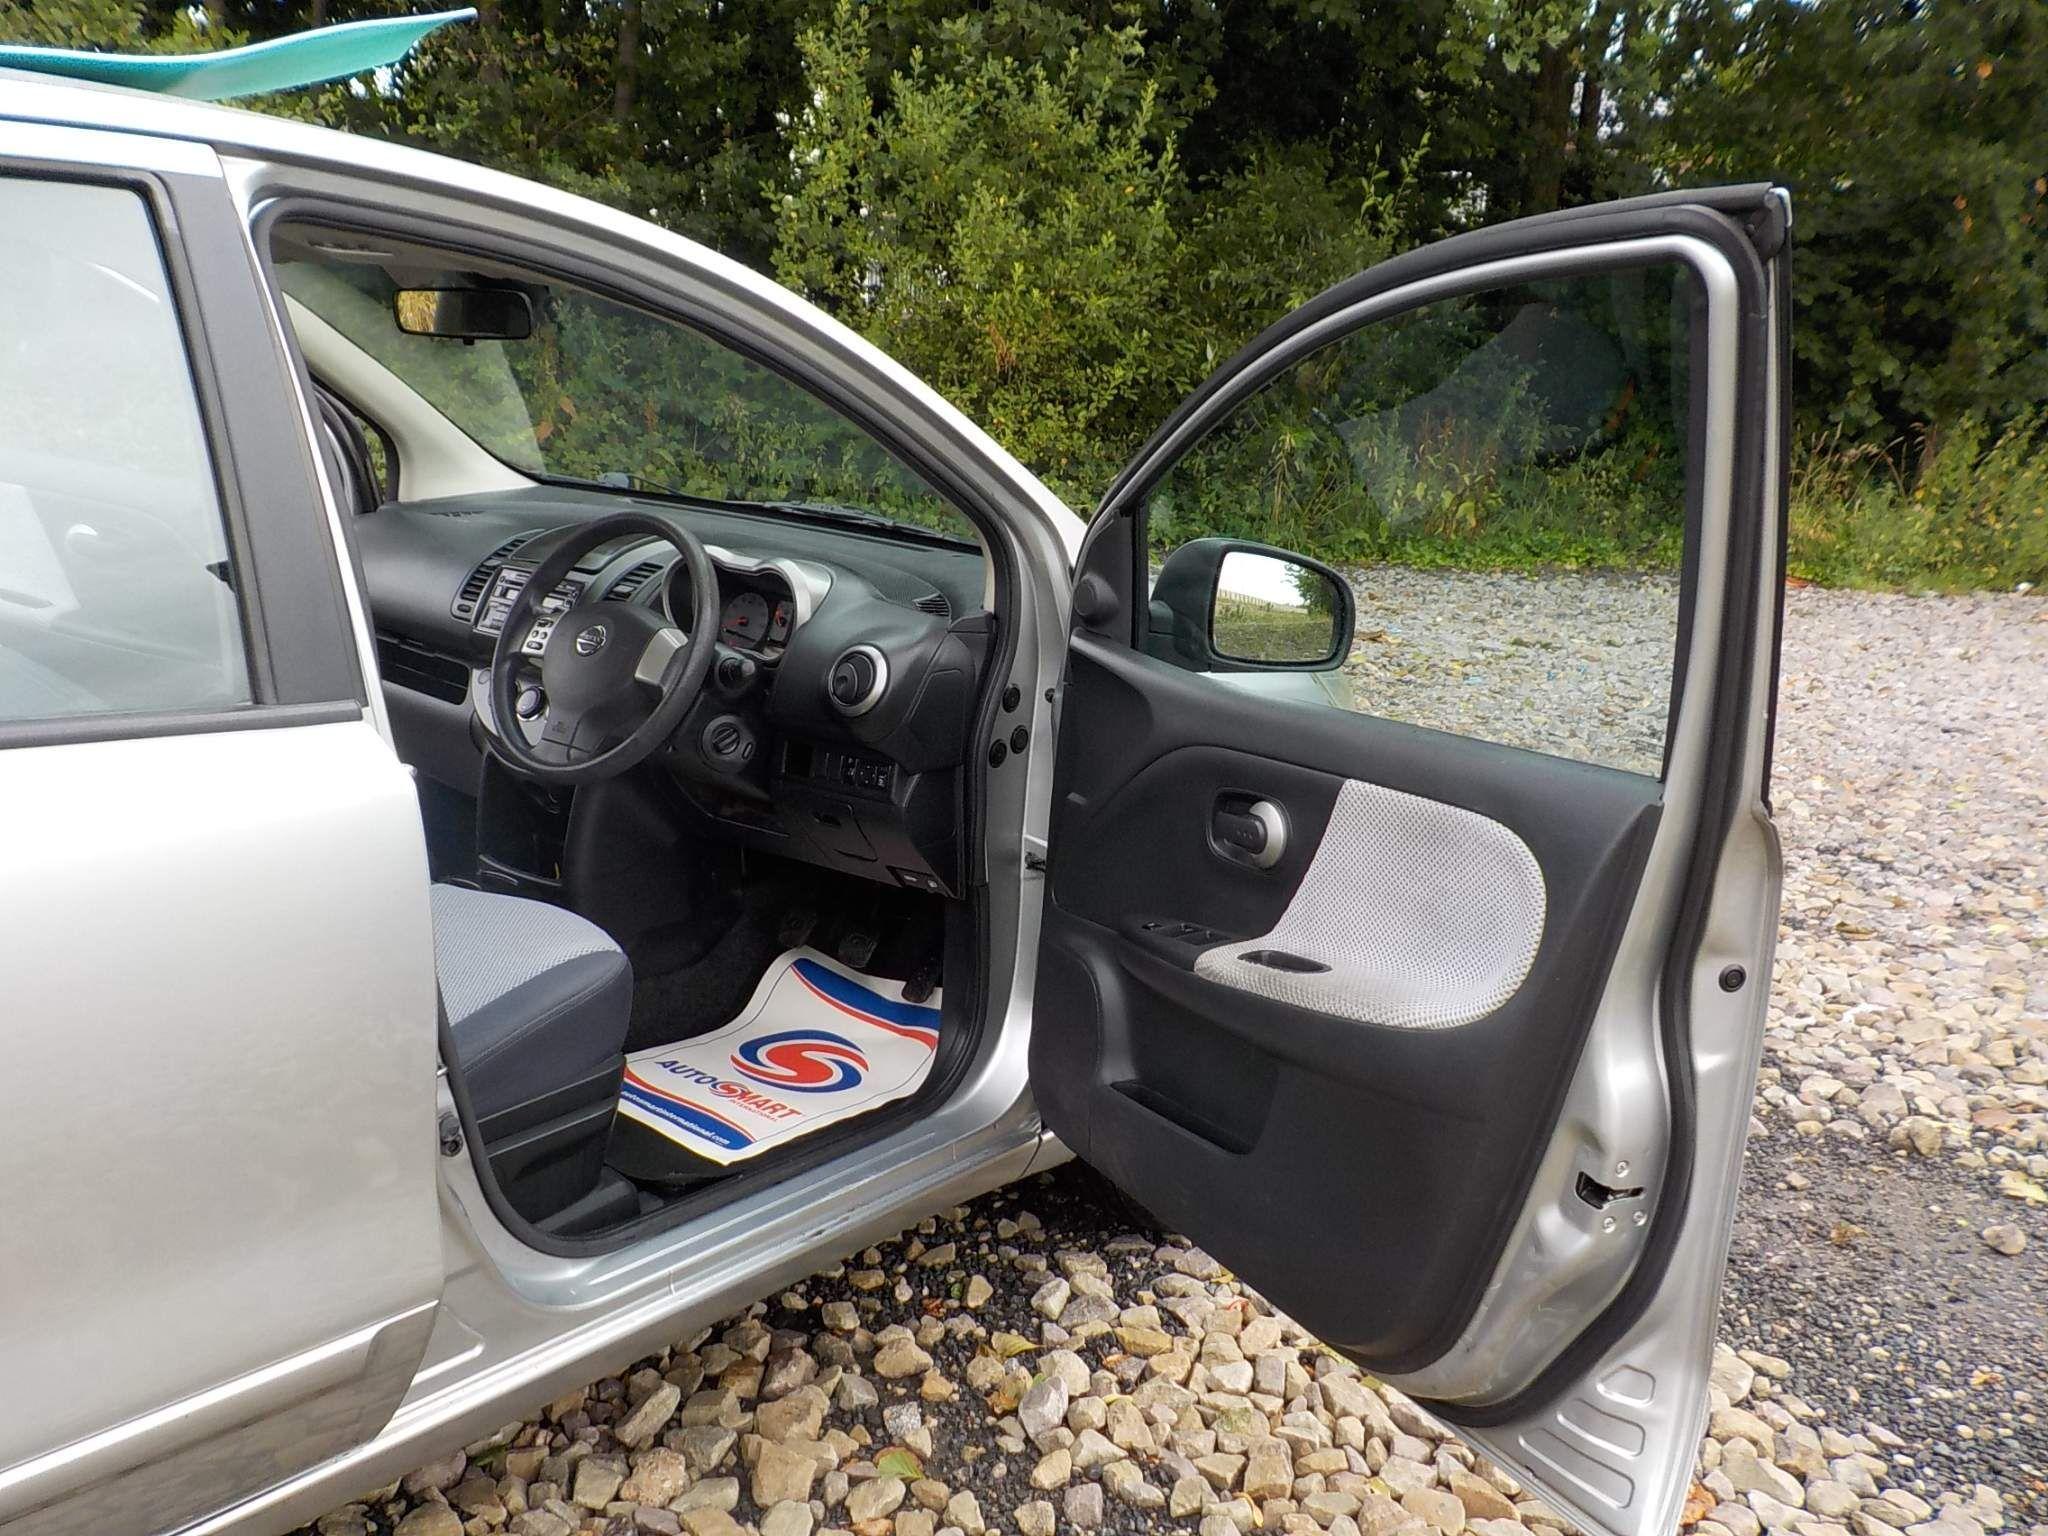 Nissan Note 1.4 16V Acenta S 5dr